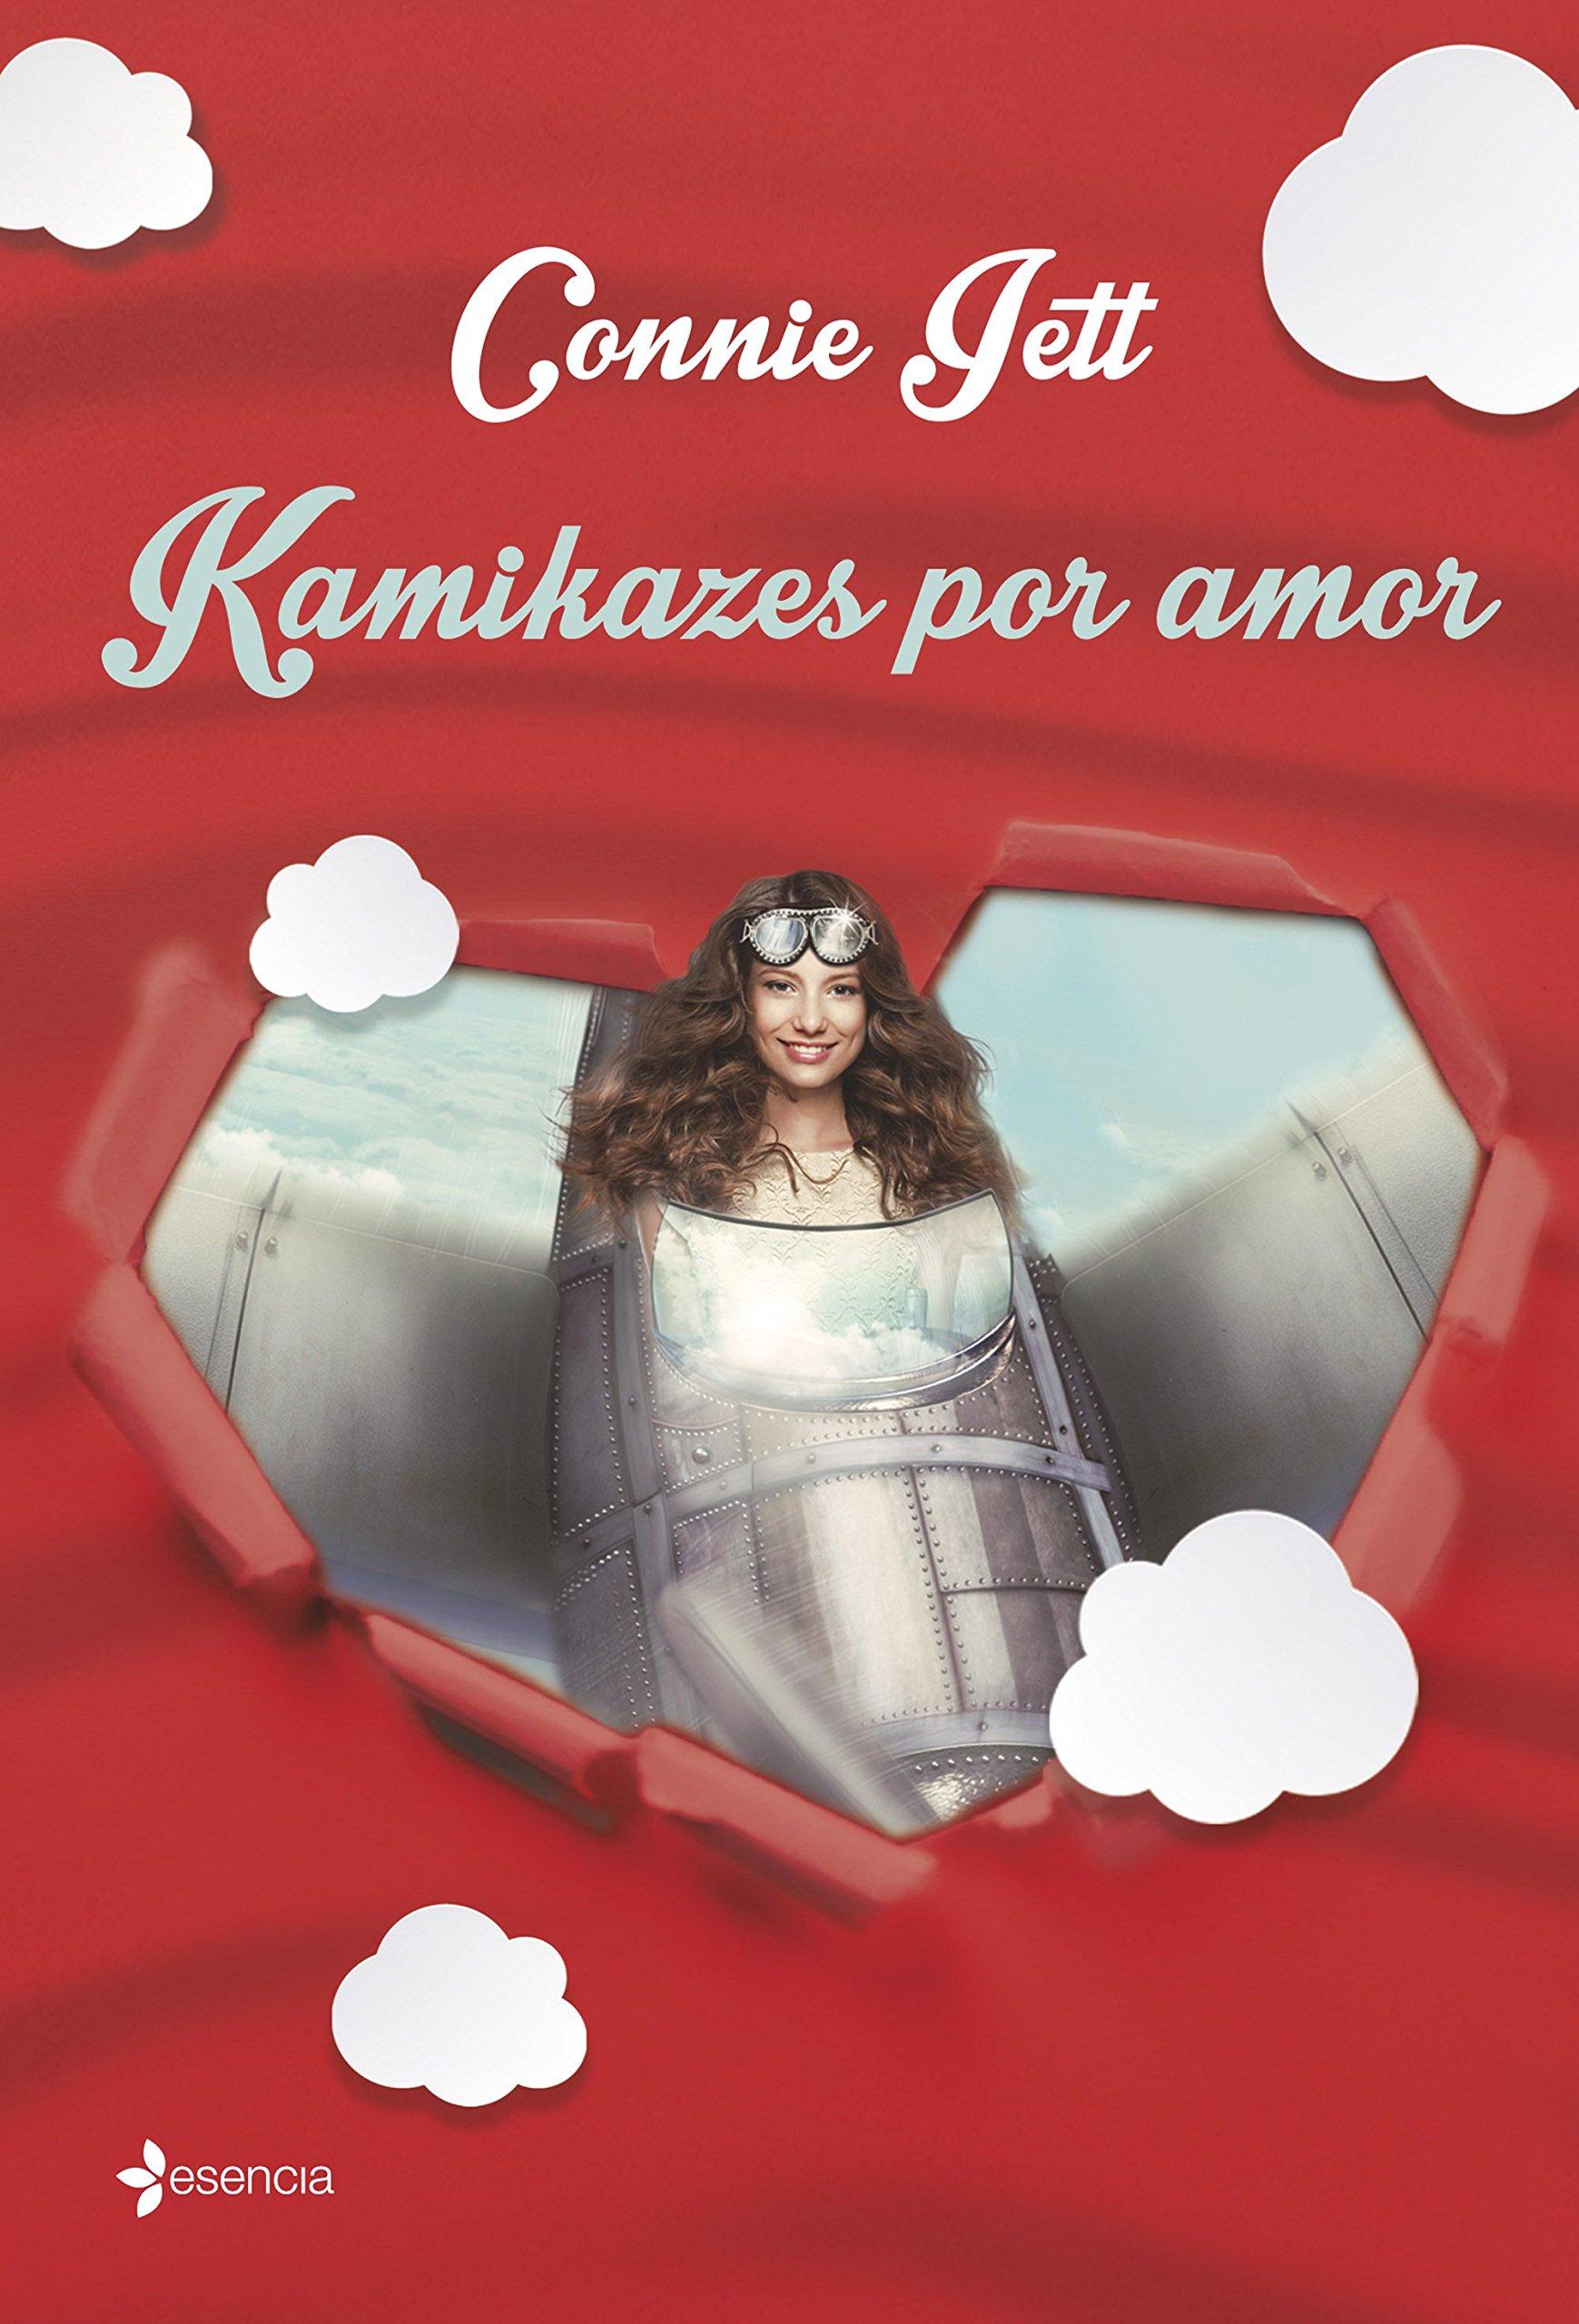 Kamikazes por amor (Volumen independiente): Amazon.es: Connie Jett: Libros